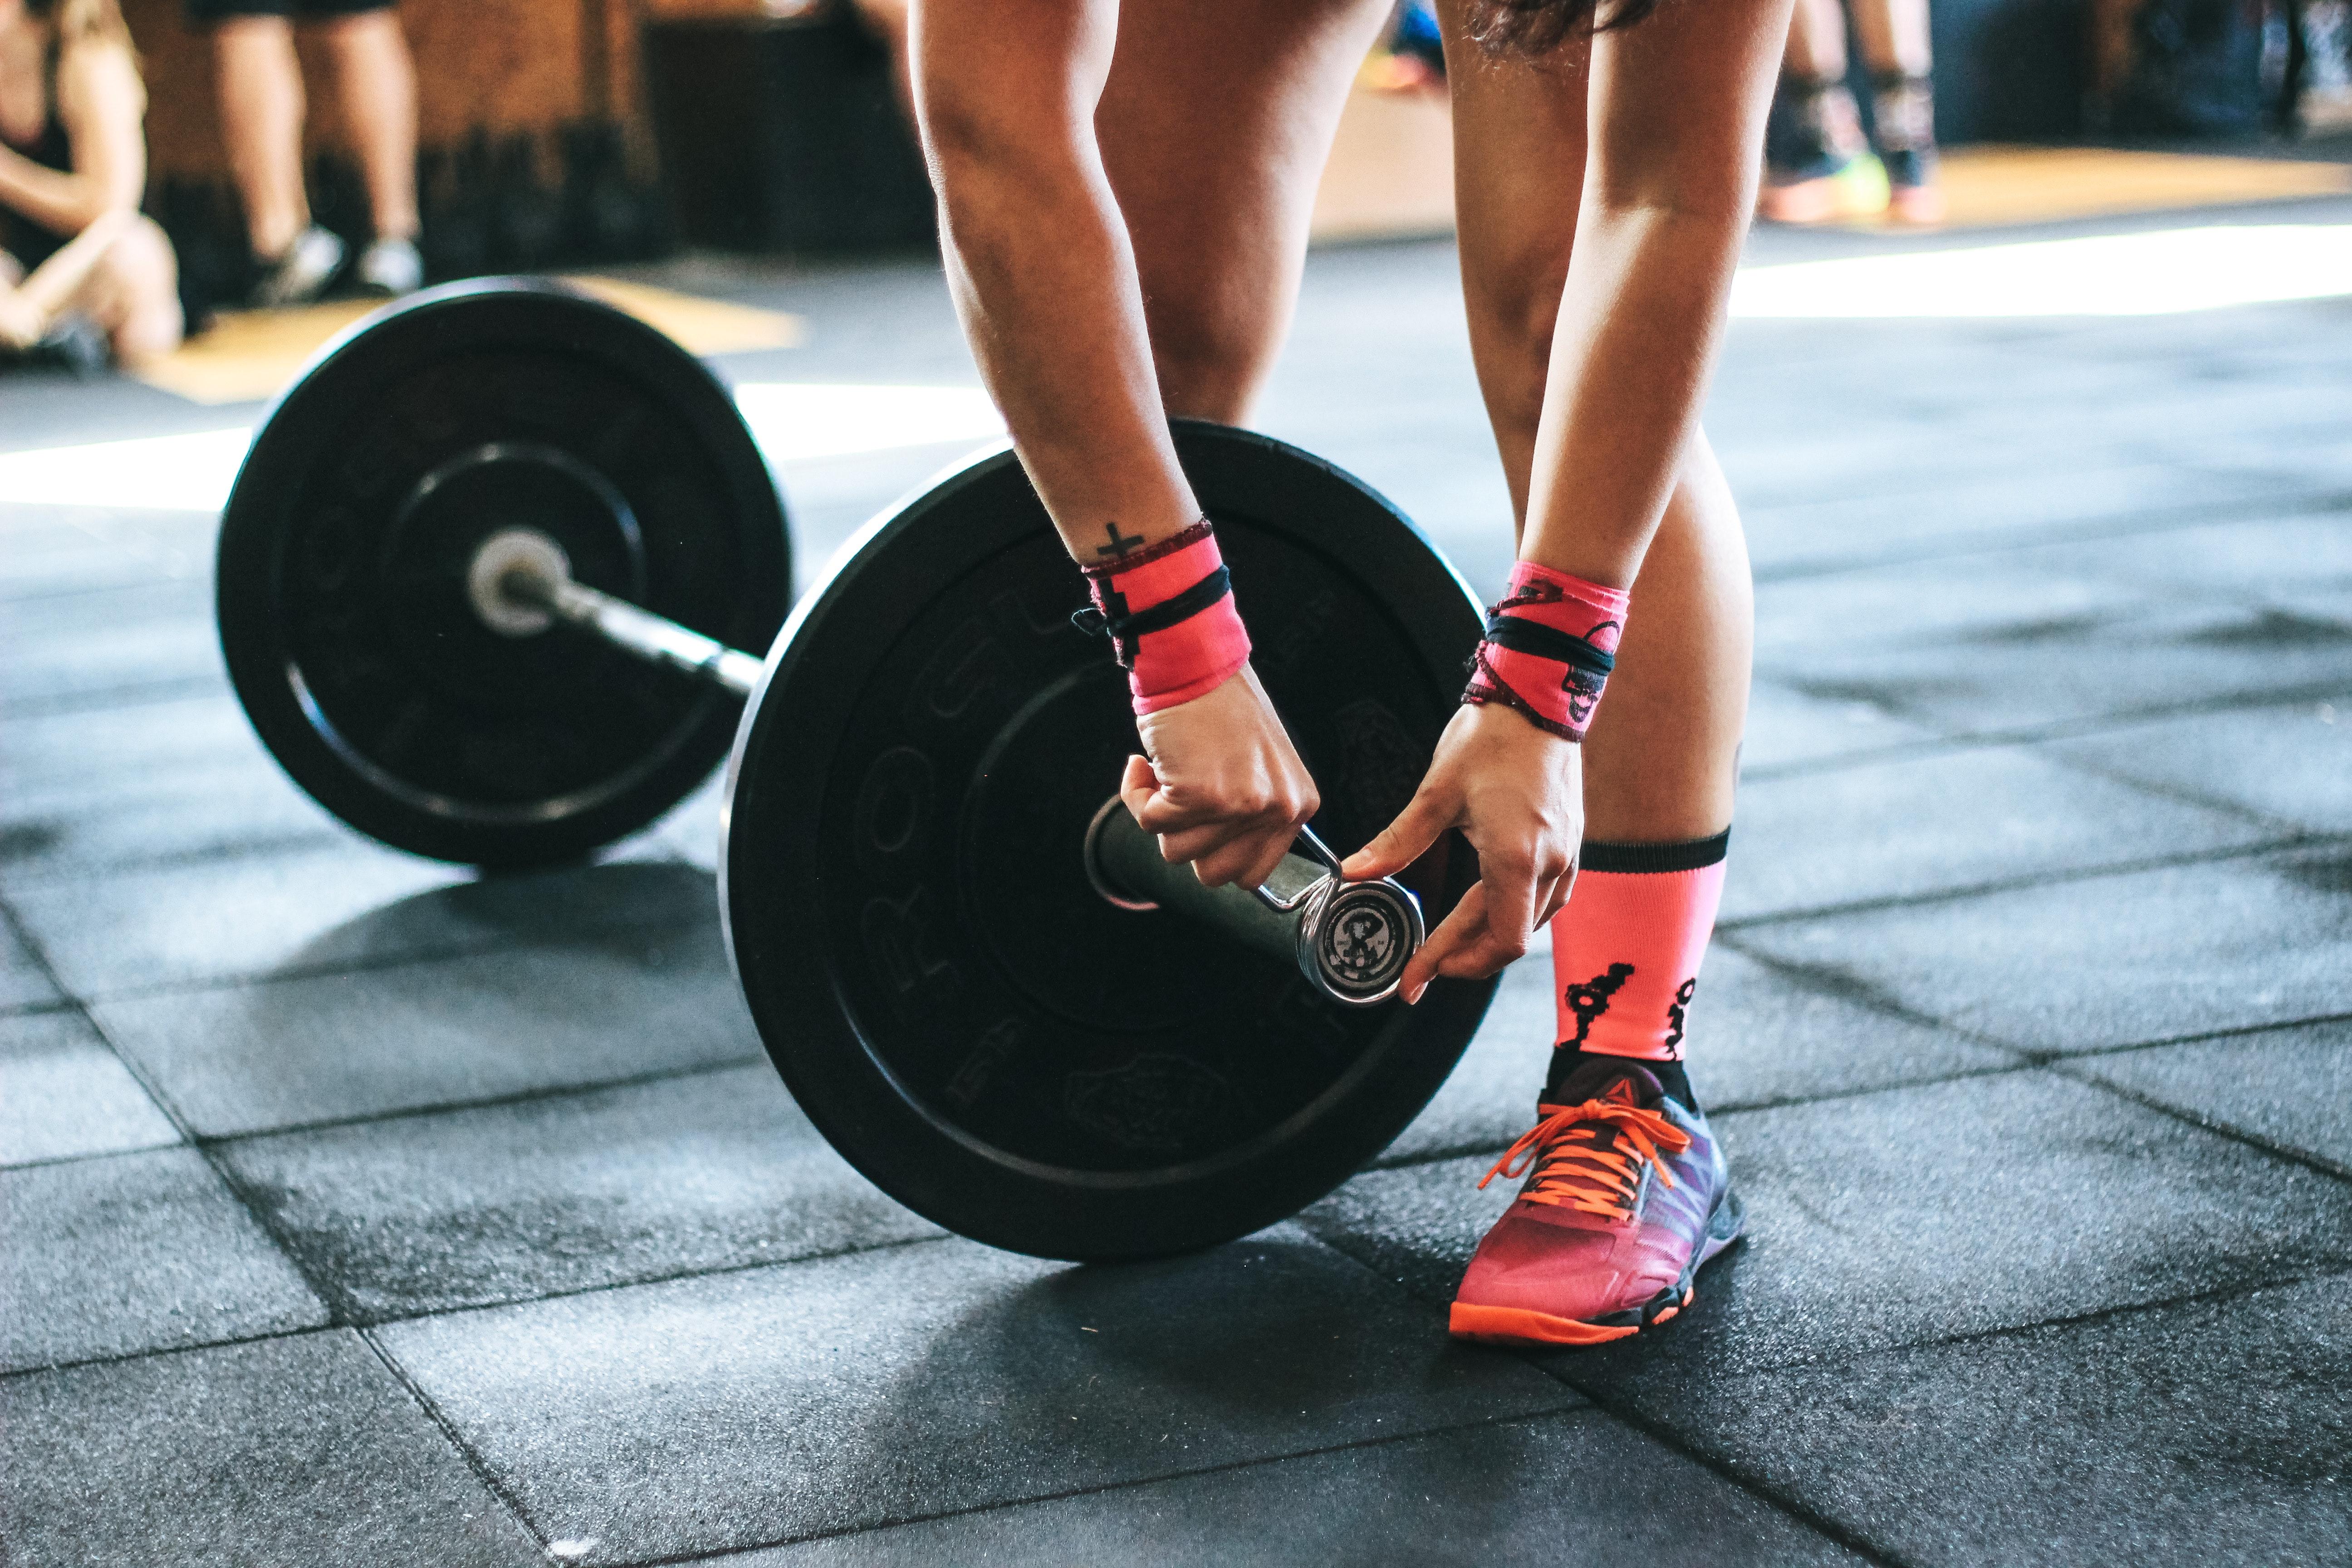 Як вправи допоможуть вилікувати депресію